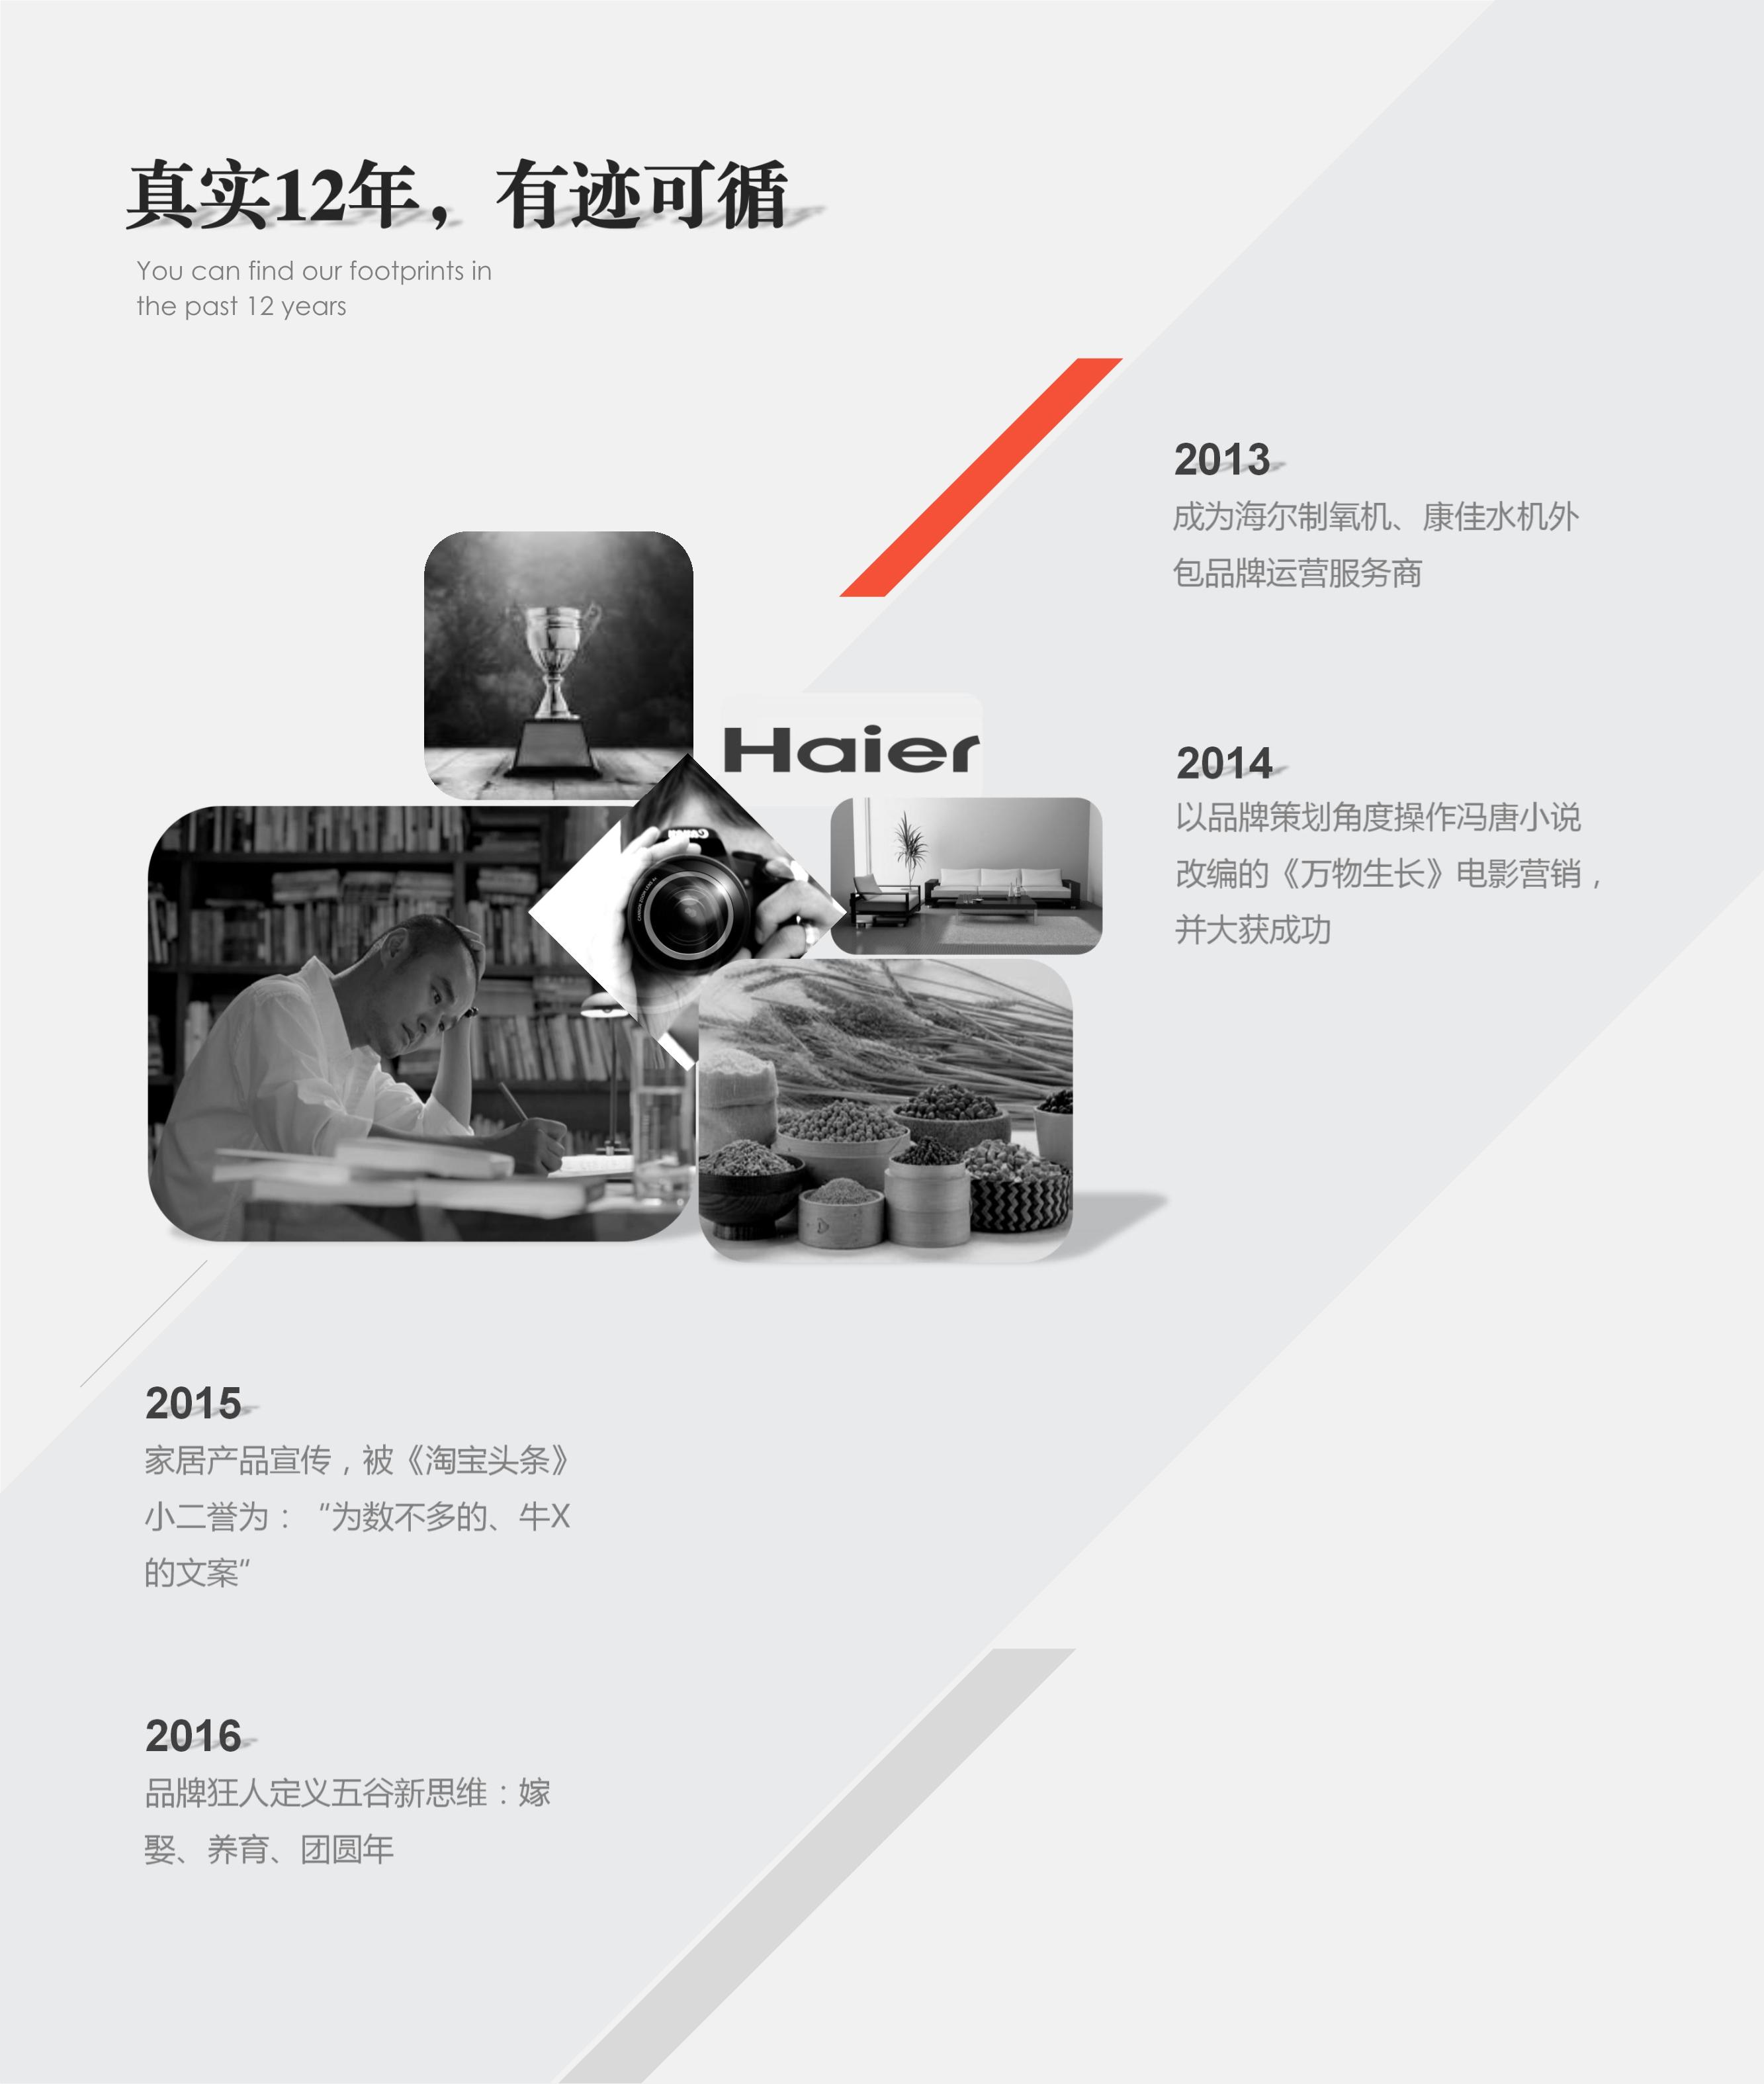 _品牌狂人 专业产品牌全案策划机构 定制定位企业形象宣传包装10